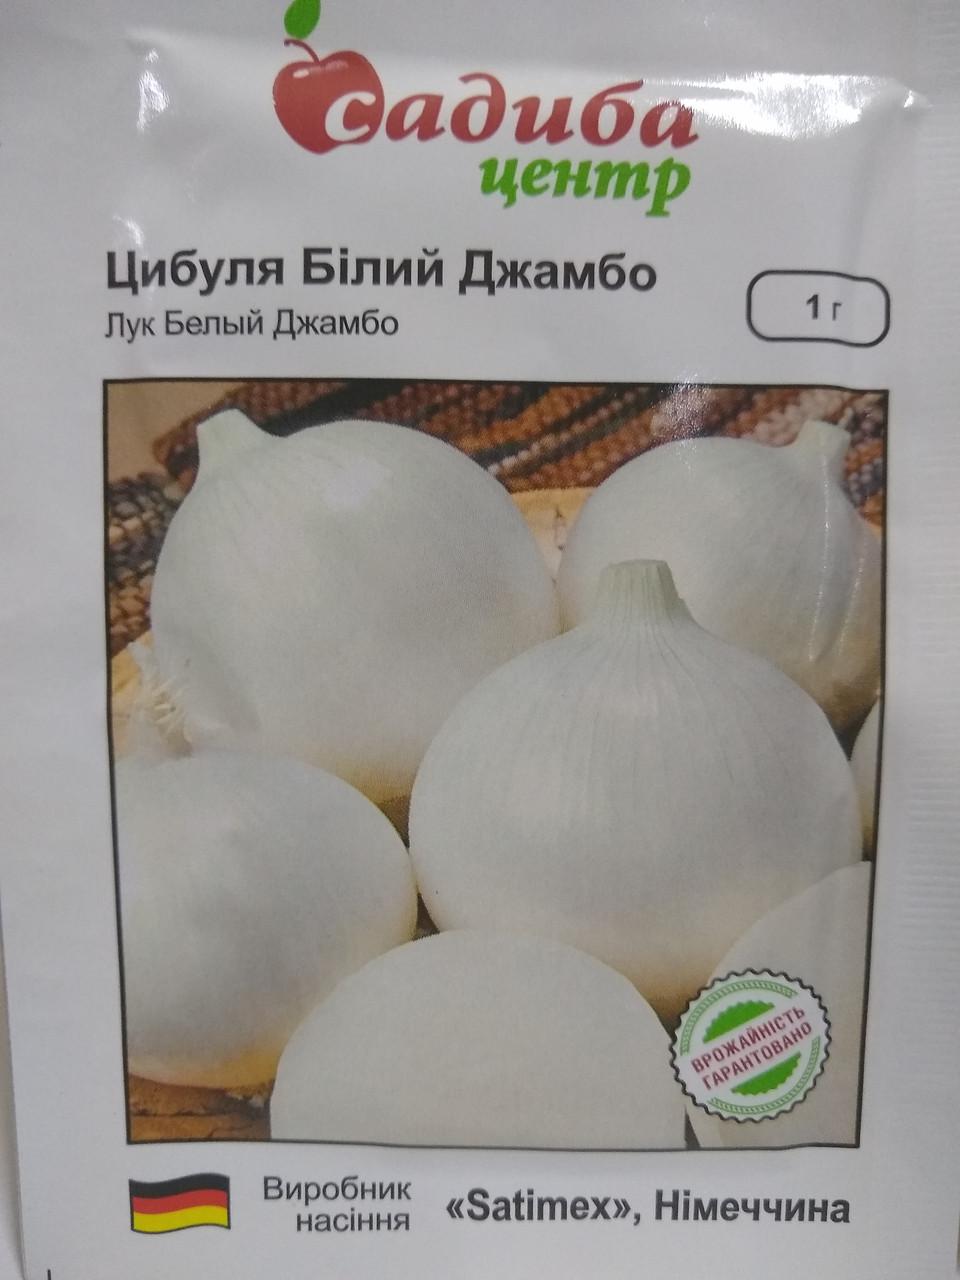 """Цибулю білий Джамбо середньопізній сорт, 1 грам """"Satimex"""", Німеччина"""